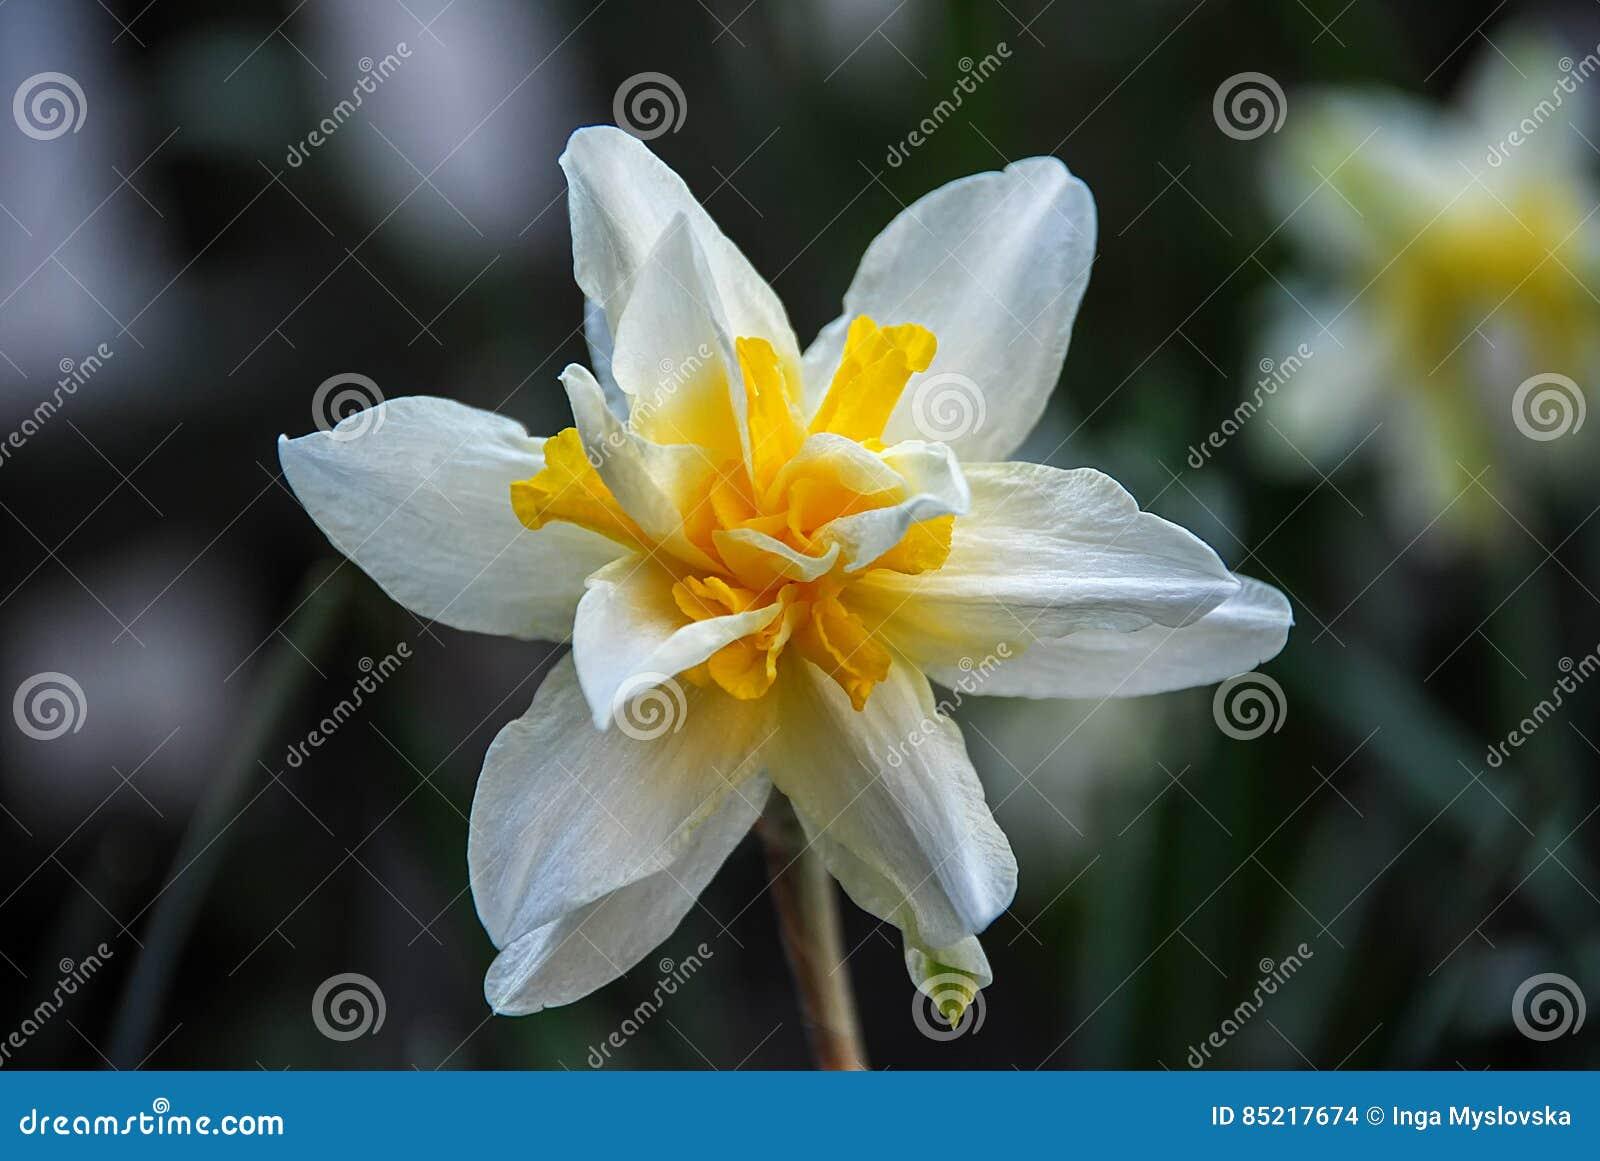 Große weiße orange Narzissenblume